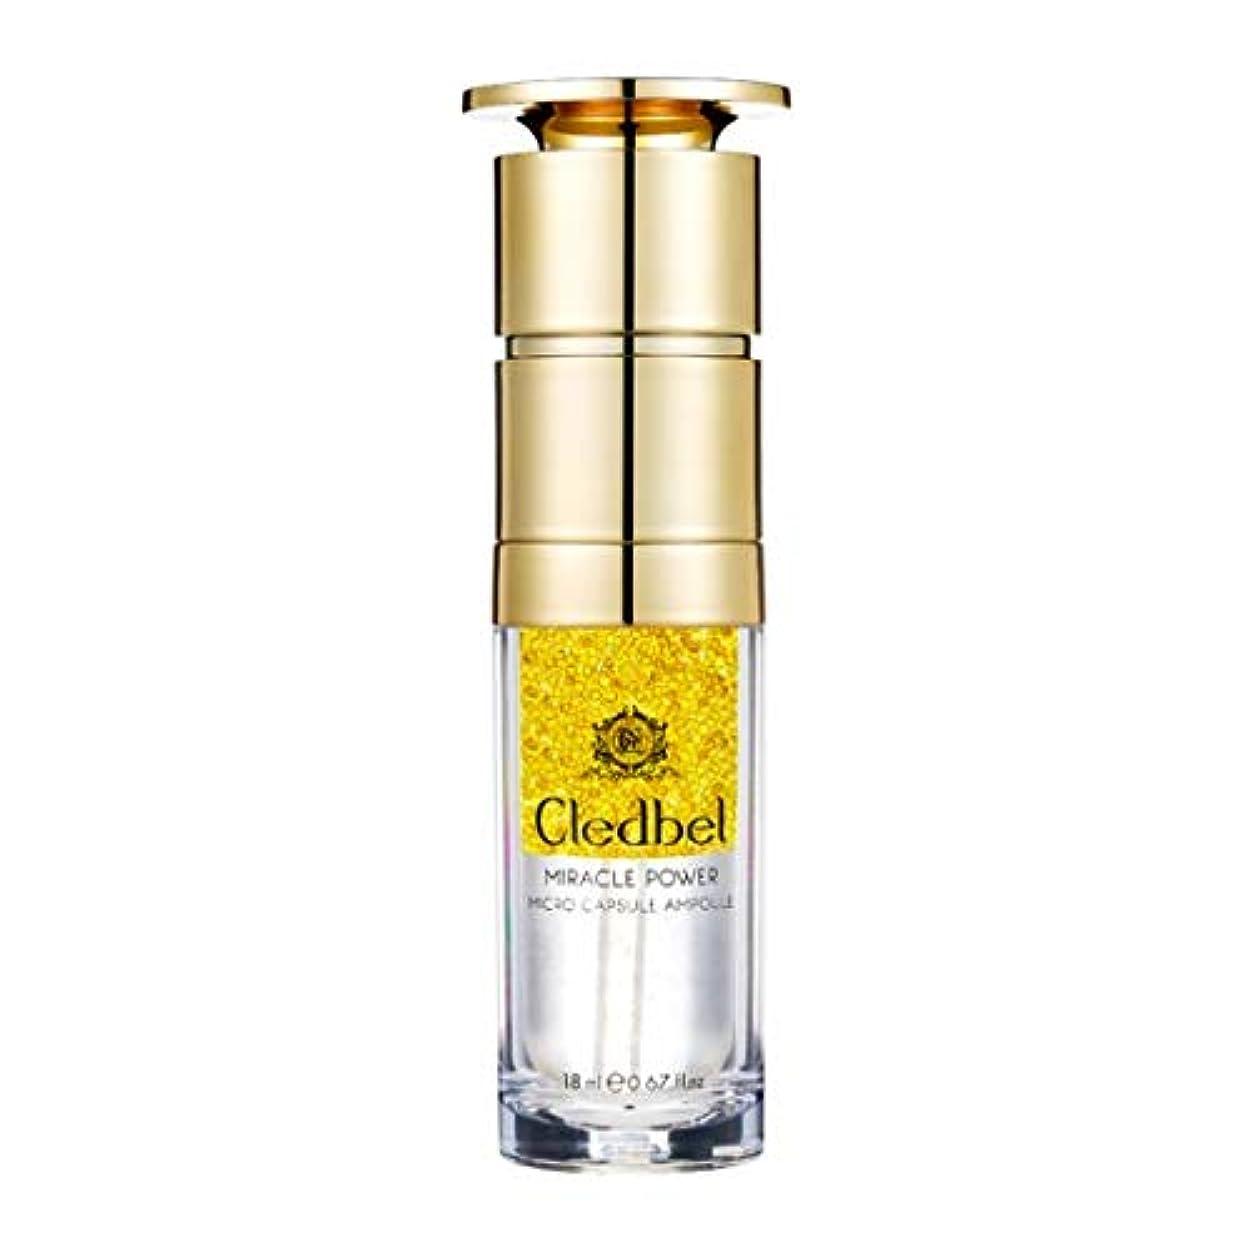 アクセスできない私たち自身タクト[cledbel] Miracle Power Micro Capsule Ampoule 18ml / ミラクルパワーマイクロカプセルアンプル 18ml [並行輸入品]